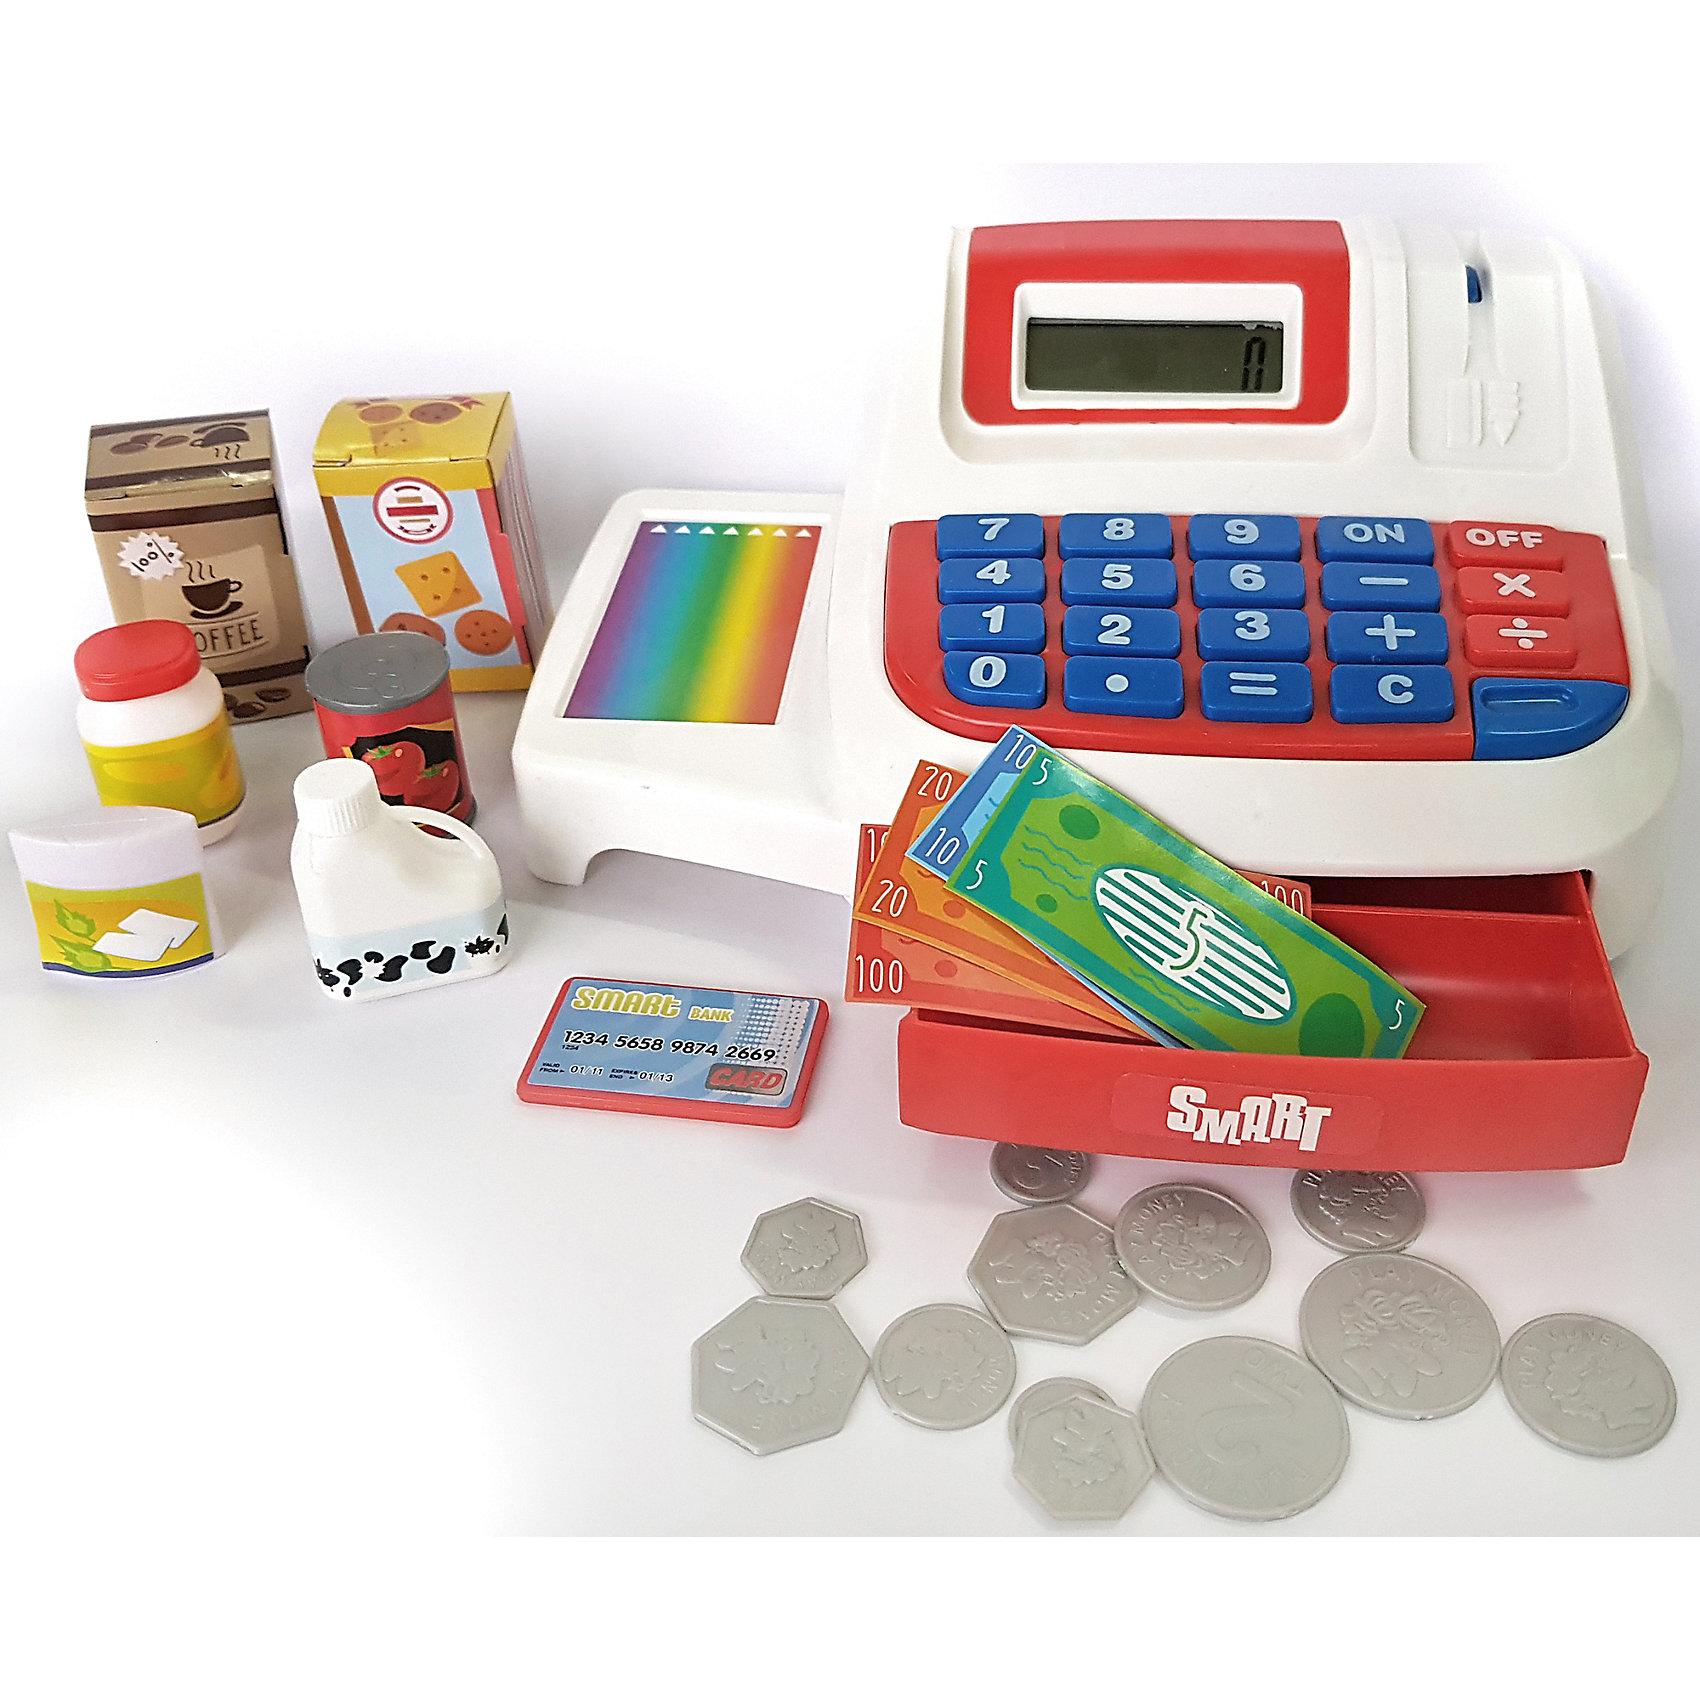 Кассовый аппарат Smart, HTIДетский супермаркет<br>Кассовый аппарат Smart, HTI – эта игрушка станет прекрасным подарком для вашего ребенка.<br>Кассовый аппарат Smart считает, как настоящий и данные отображаются на дисплее. Он оснащен конвейерной лентой для передвижения продуктов, встроенным терминалом для работы с банковскими картами, дисплеем и отсеком для хранения денег, открывающимся при помощи специальной кнопки. И все это работает с реальными звуками. Кассовый аппарат можно использовать как обычный калькулятор. Набор прекрасно подойдет для различных сюжетно-ролевых игр в магазин, а также Ваш ребенок сможет научиться правильно вести себя в магазине и делать покупки.<br><br>Дополнительная информация:<br><br>- В наборе: кассовый аппарат; игрушечные деньги (монетки, купюры); банковская карта, муляжи товаров (молоко, майонез, кофе, томаты, печенье)<br>- Батарейки: 2 x AA / LR6 1.5V (пальчиковые) (в комплекте демонстрационные)<br>- Материал: пластик<br>- Размер упаковки: 12х29х17 см.<br>- Вес: 558 гр.<br><br>Кассовый аппарат Smart, HTI можно купить в нашем интернет-магазине.<br><br>Ширина мм: 120<br>Глубина мм: 290<br>Высота мм: 170<br>Вес г: 558<br>Возраст от месяцев: 36<br>Возраст до месяцев: 144<br>Пол: Унисекс<br>Возраст: Детский<br>SKU: 4243851